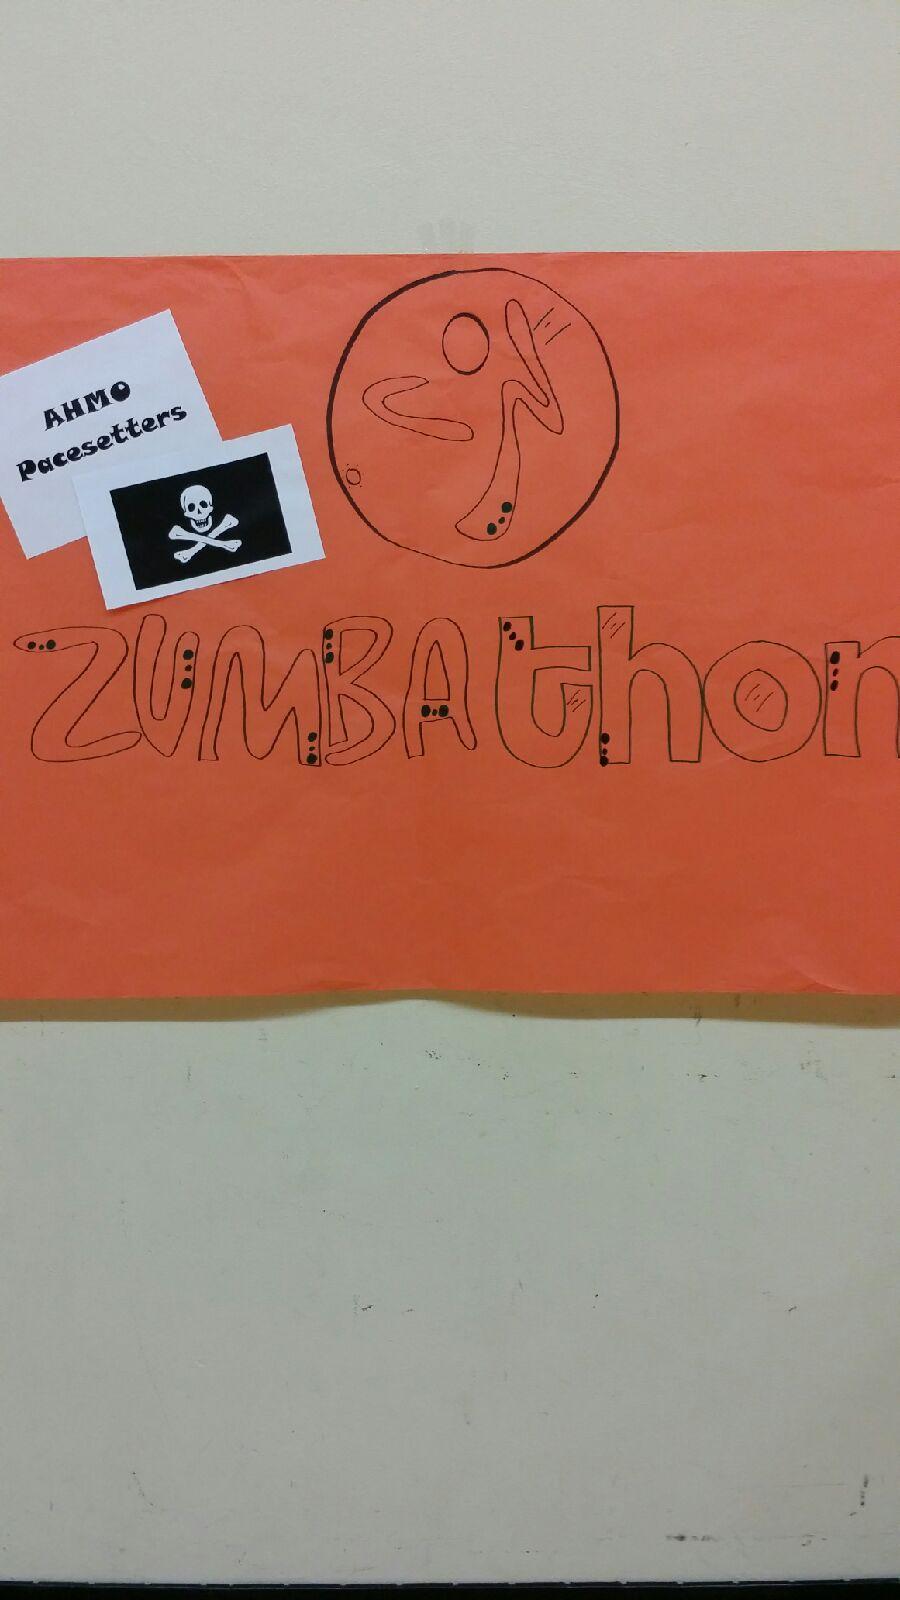 Zumba5